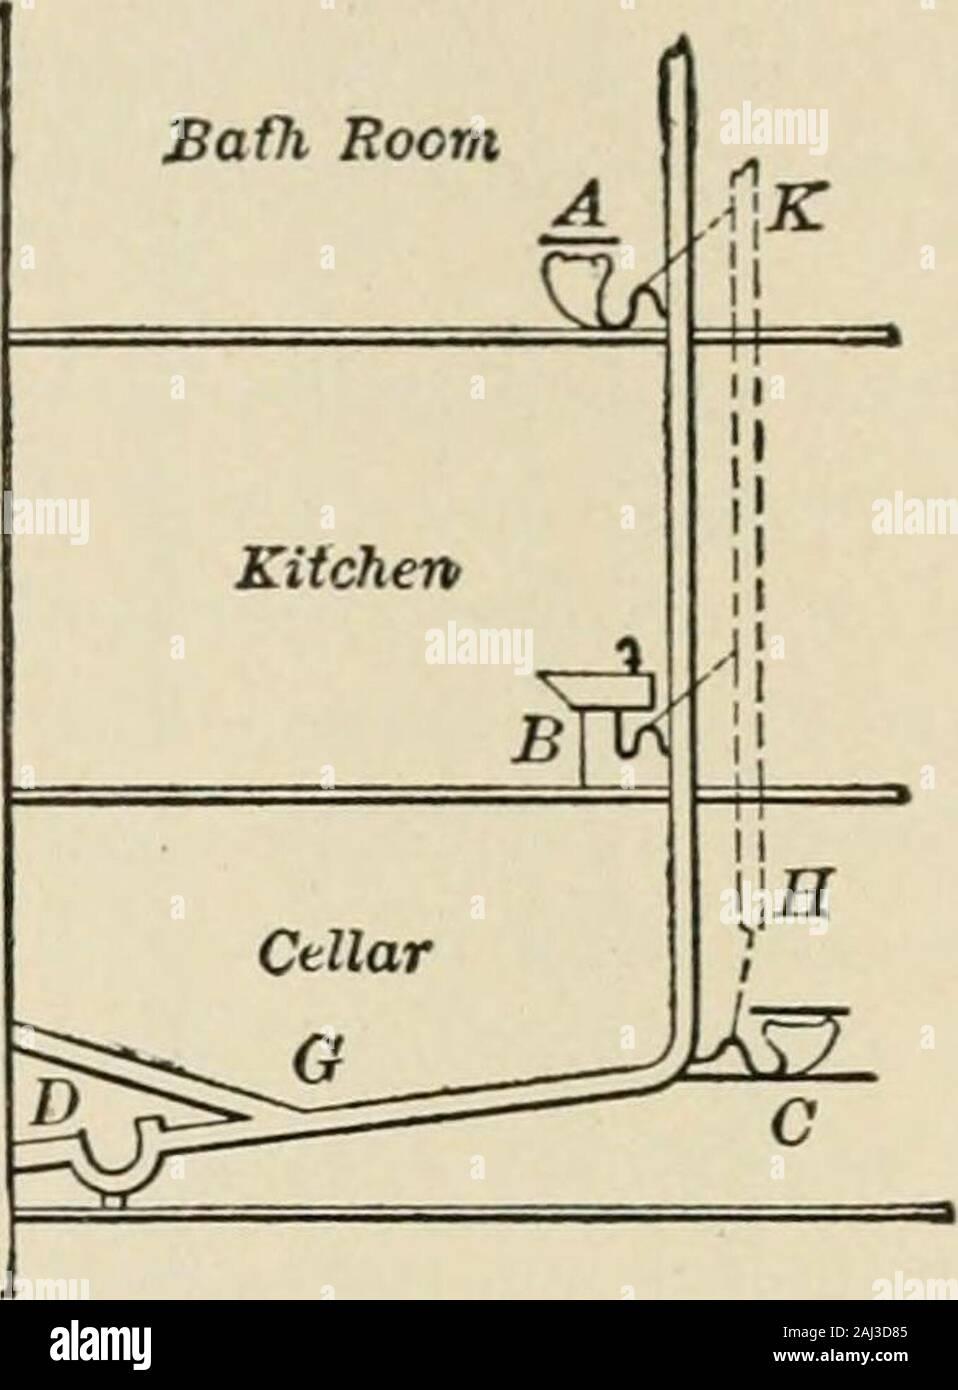 Una completa guía sanitaria para las tropas del ejército y la armada U S . Fig. 229.-drenaje de la casa. A, B, C, D; instalaciones de fontanería, desconectando trampa; E,sucursal; alcantarillado F, Abertura de ventilación; G, casa vaciar; K, H, tubos de ventilación conectado bydotted líneas con cada trampa. Las aguas residuales se vertían en eliminados por cess piscinas, en Ejecutar secuencias, en granjas, alcantarillado y por la purificationmethods bacteriana. La finalidad de los sistemas de purificación de bacterias, que están ahora siendo usados en el ejército en una medida considerable, es licuar andpurify el alcantarillado para que no contaminan los arroyos intow indebidamente Foto de stock